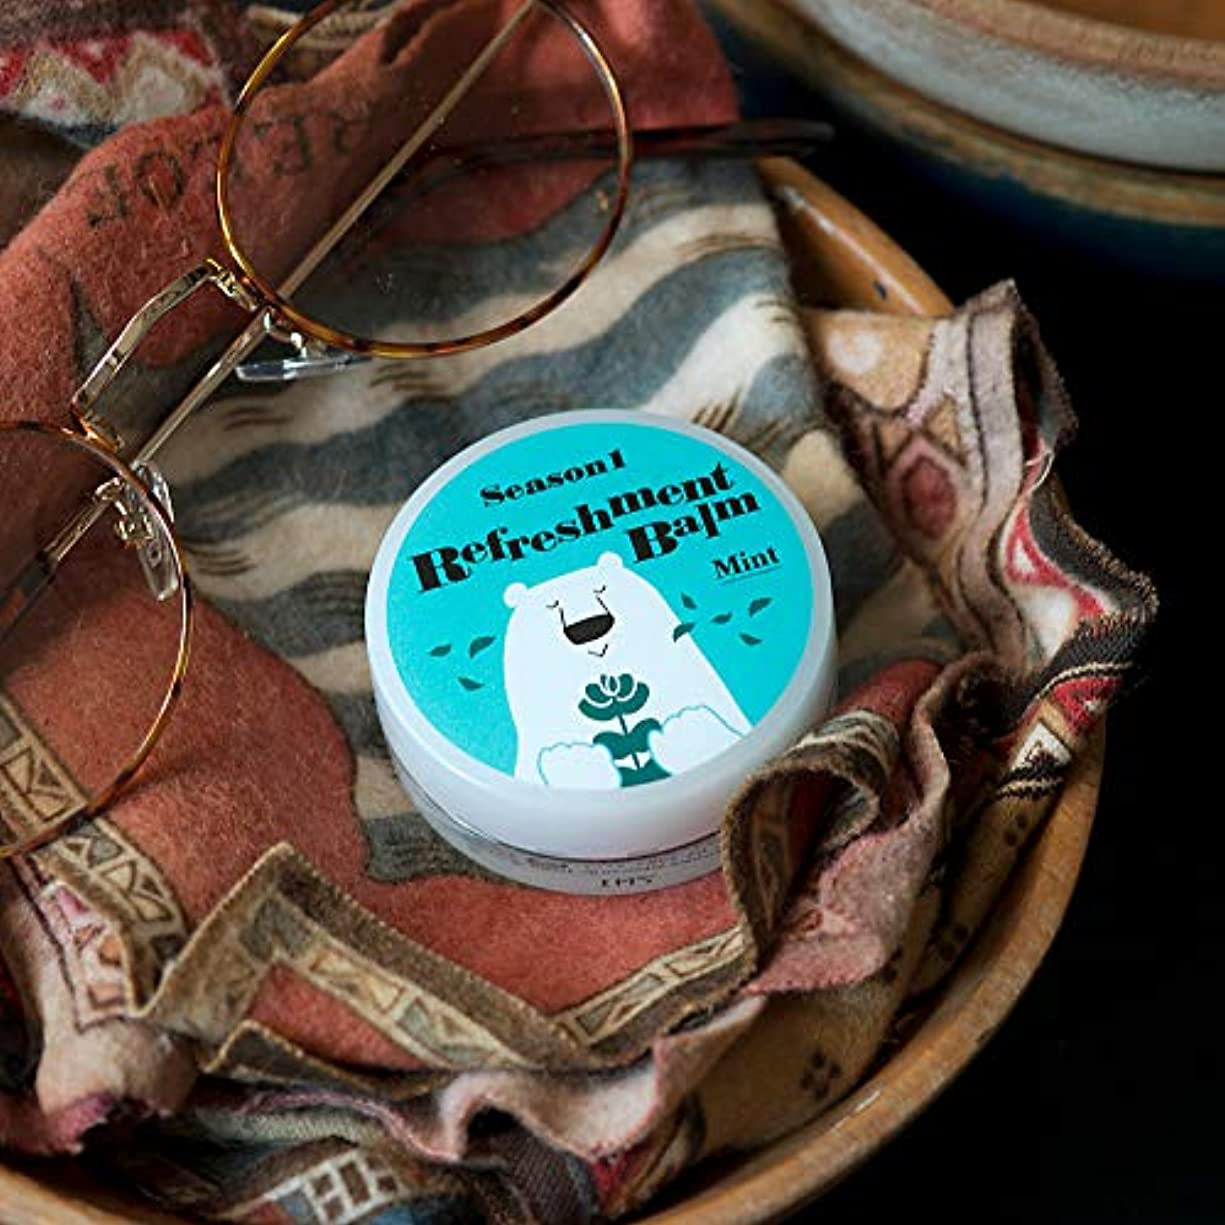 団結するミシン目有効(美健)BIKEN カサカサ鼻にひと塗り リフレッシュメントバーム ミント エッセンシャルオイル(精油)のみで香り付け